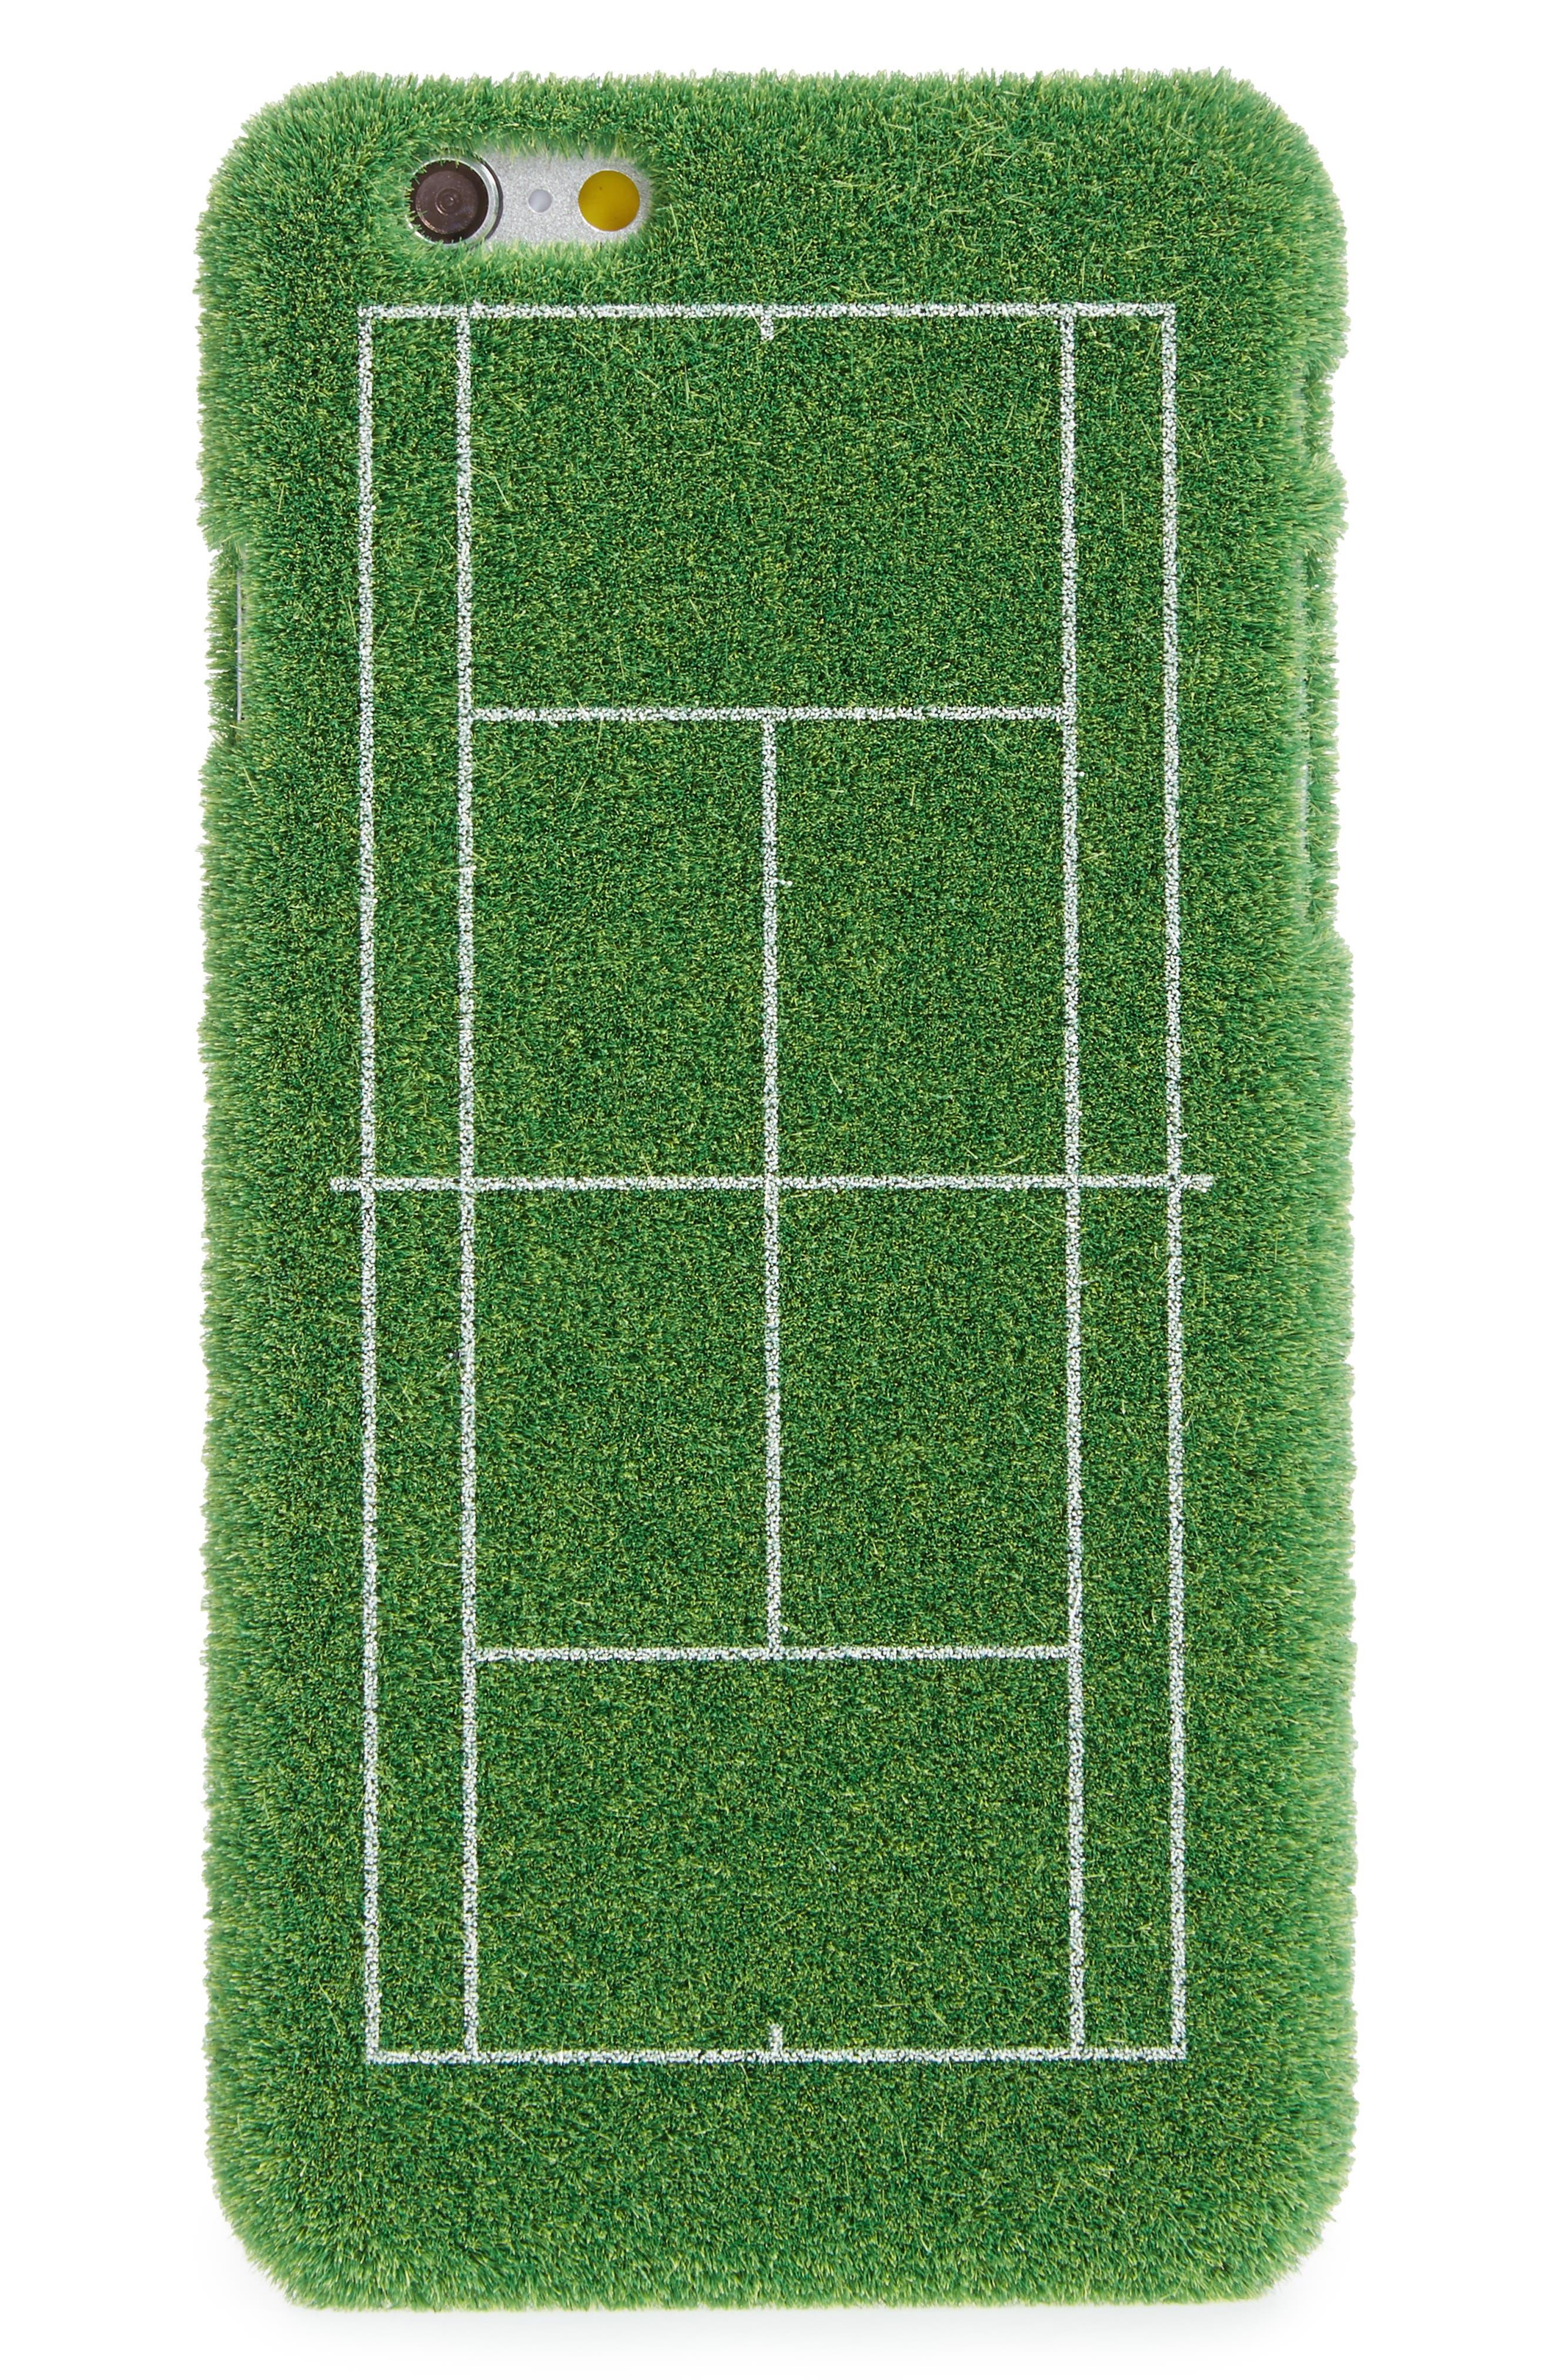 Grand Slam Portable Park iPhone 6/6s & 6/6s Plus Case,                             Alternate thumbnail 3, color,                             300